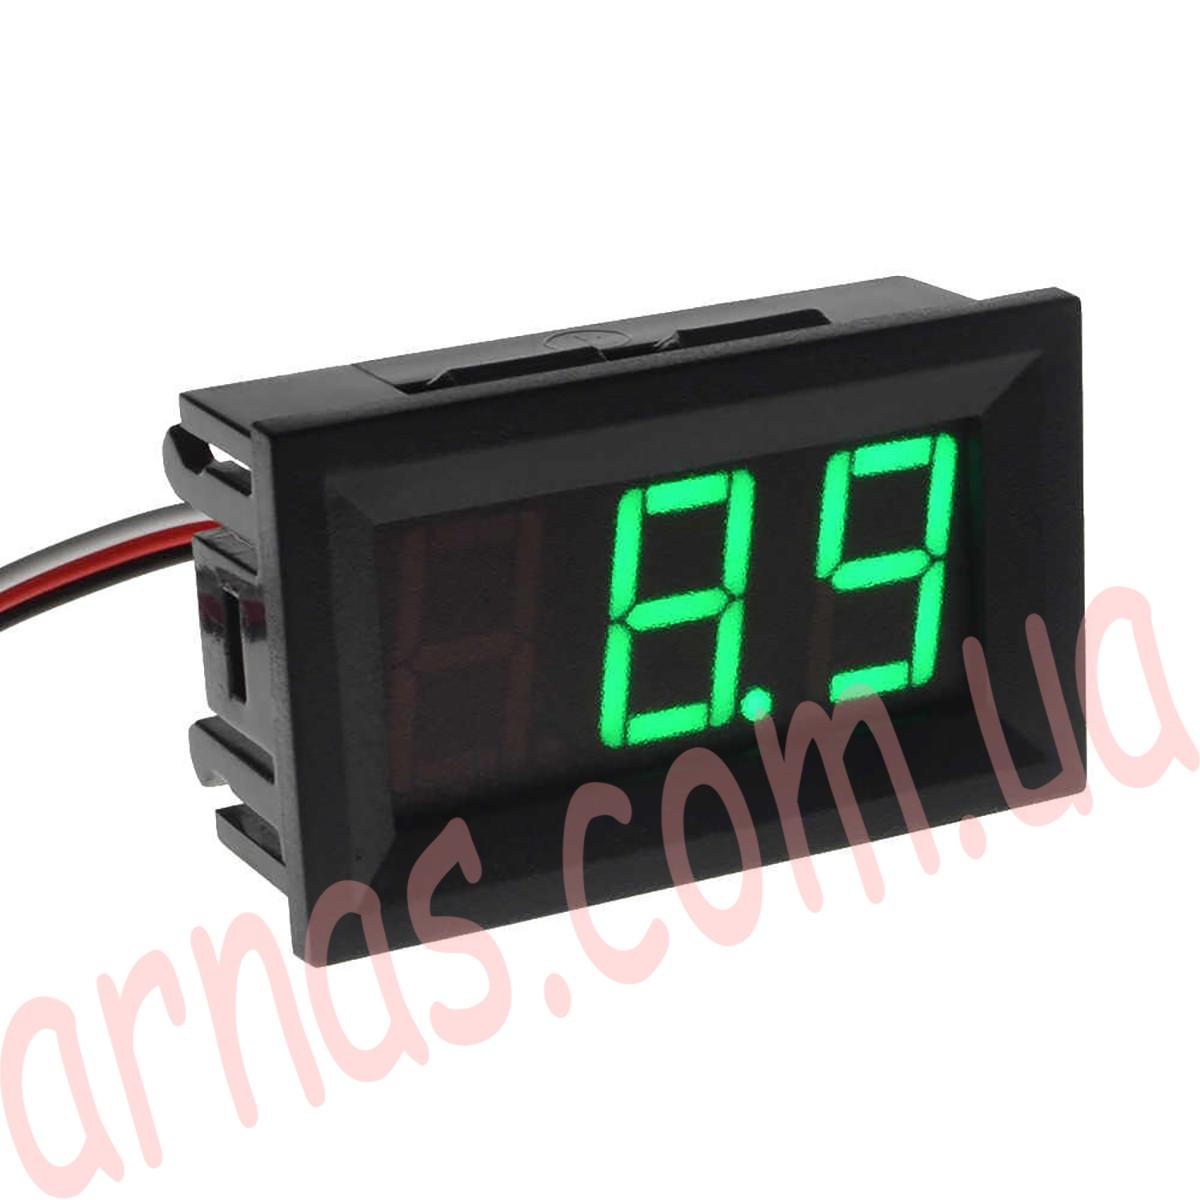 Вольтметр 27014G цифровий 4,5-30V вбудовуваний (два проводи) Зелений